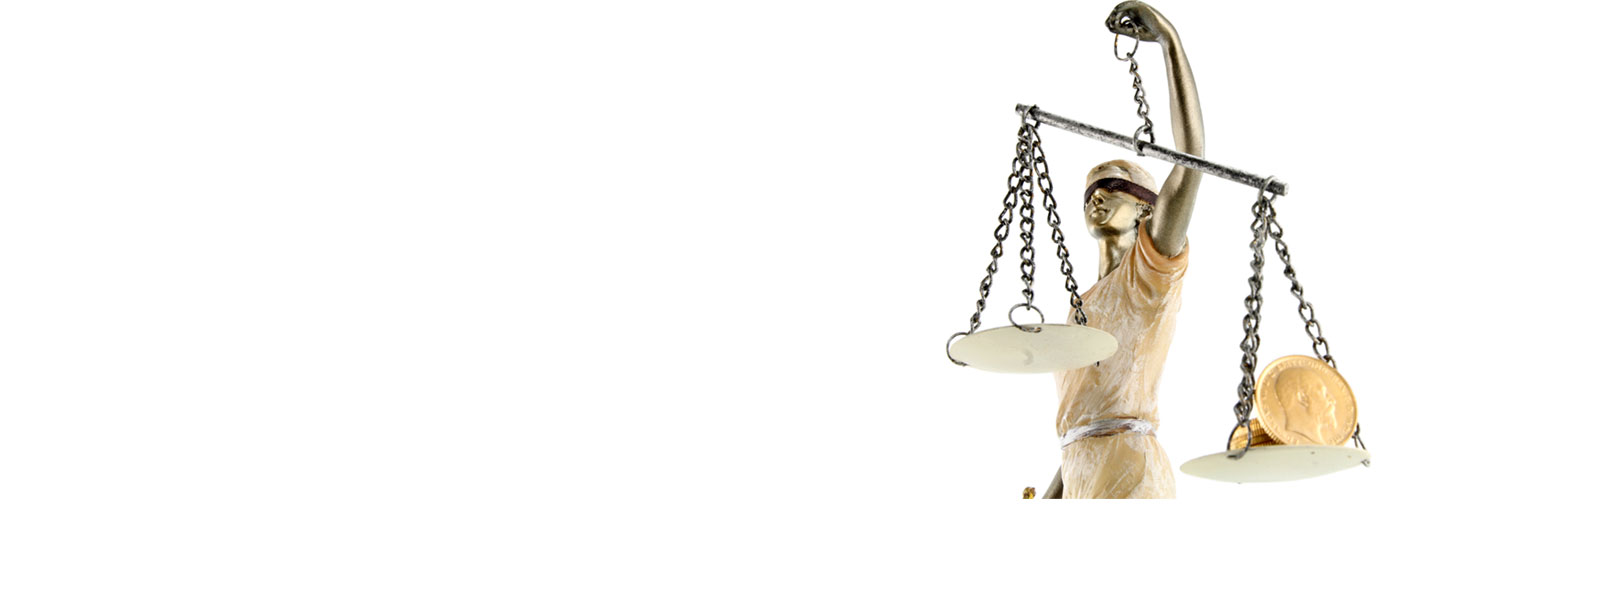 investor-protector-slide_justice-perverted